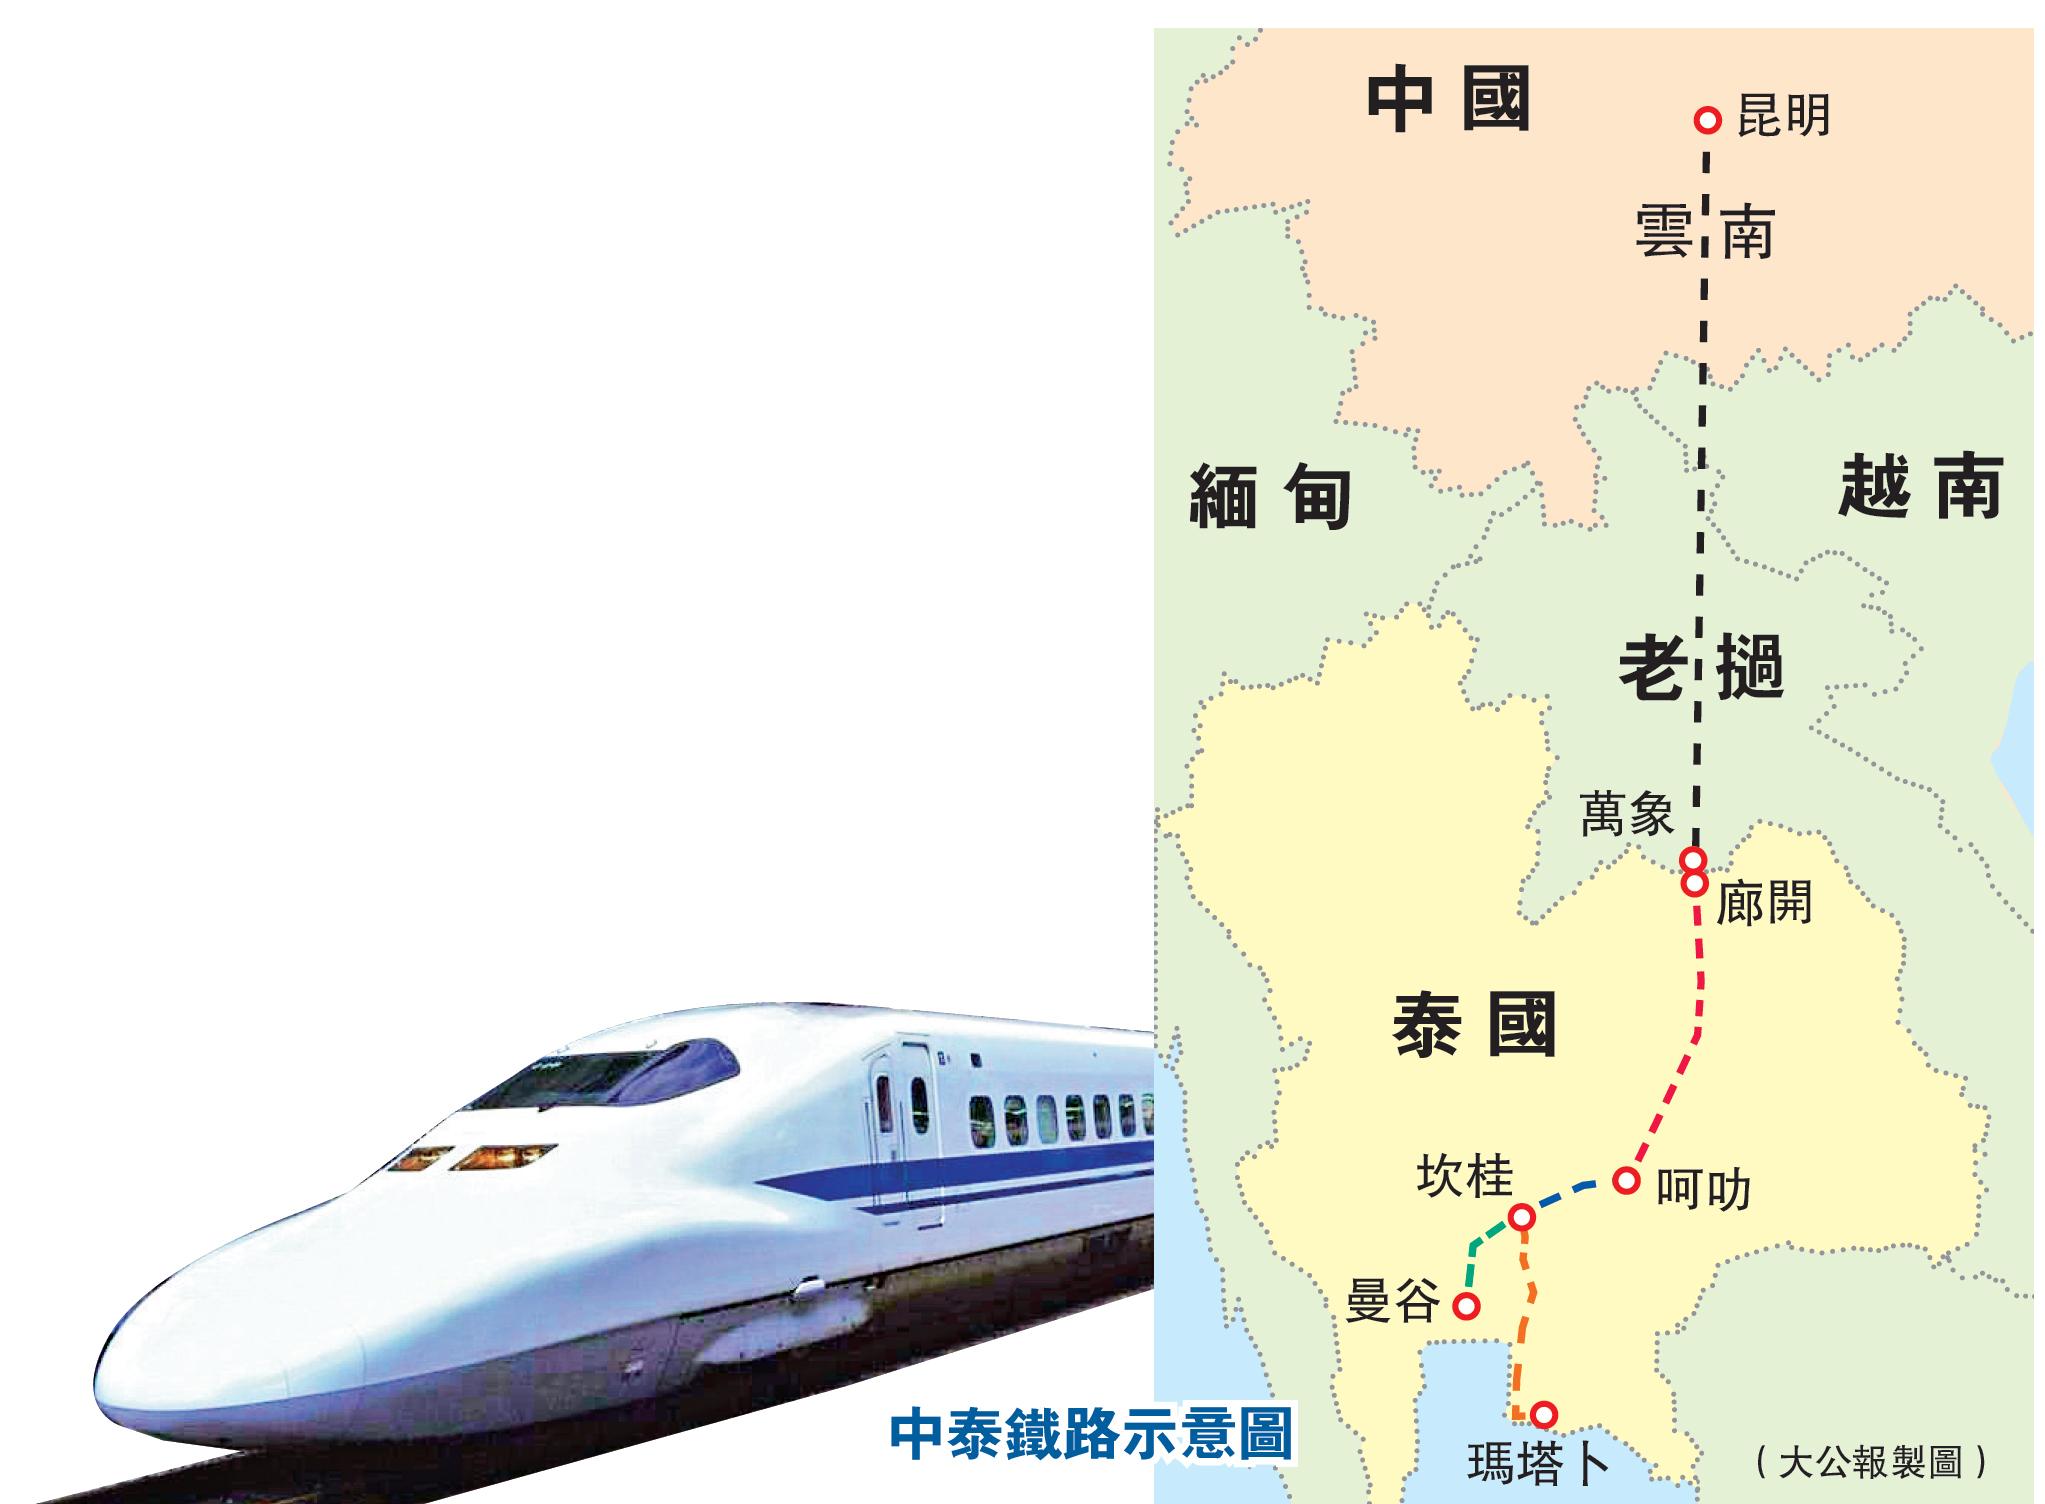 中方已提交选线设计方案   中泰铁路合作联合委员会第五次会议此间